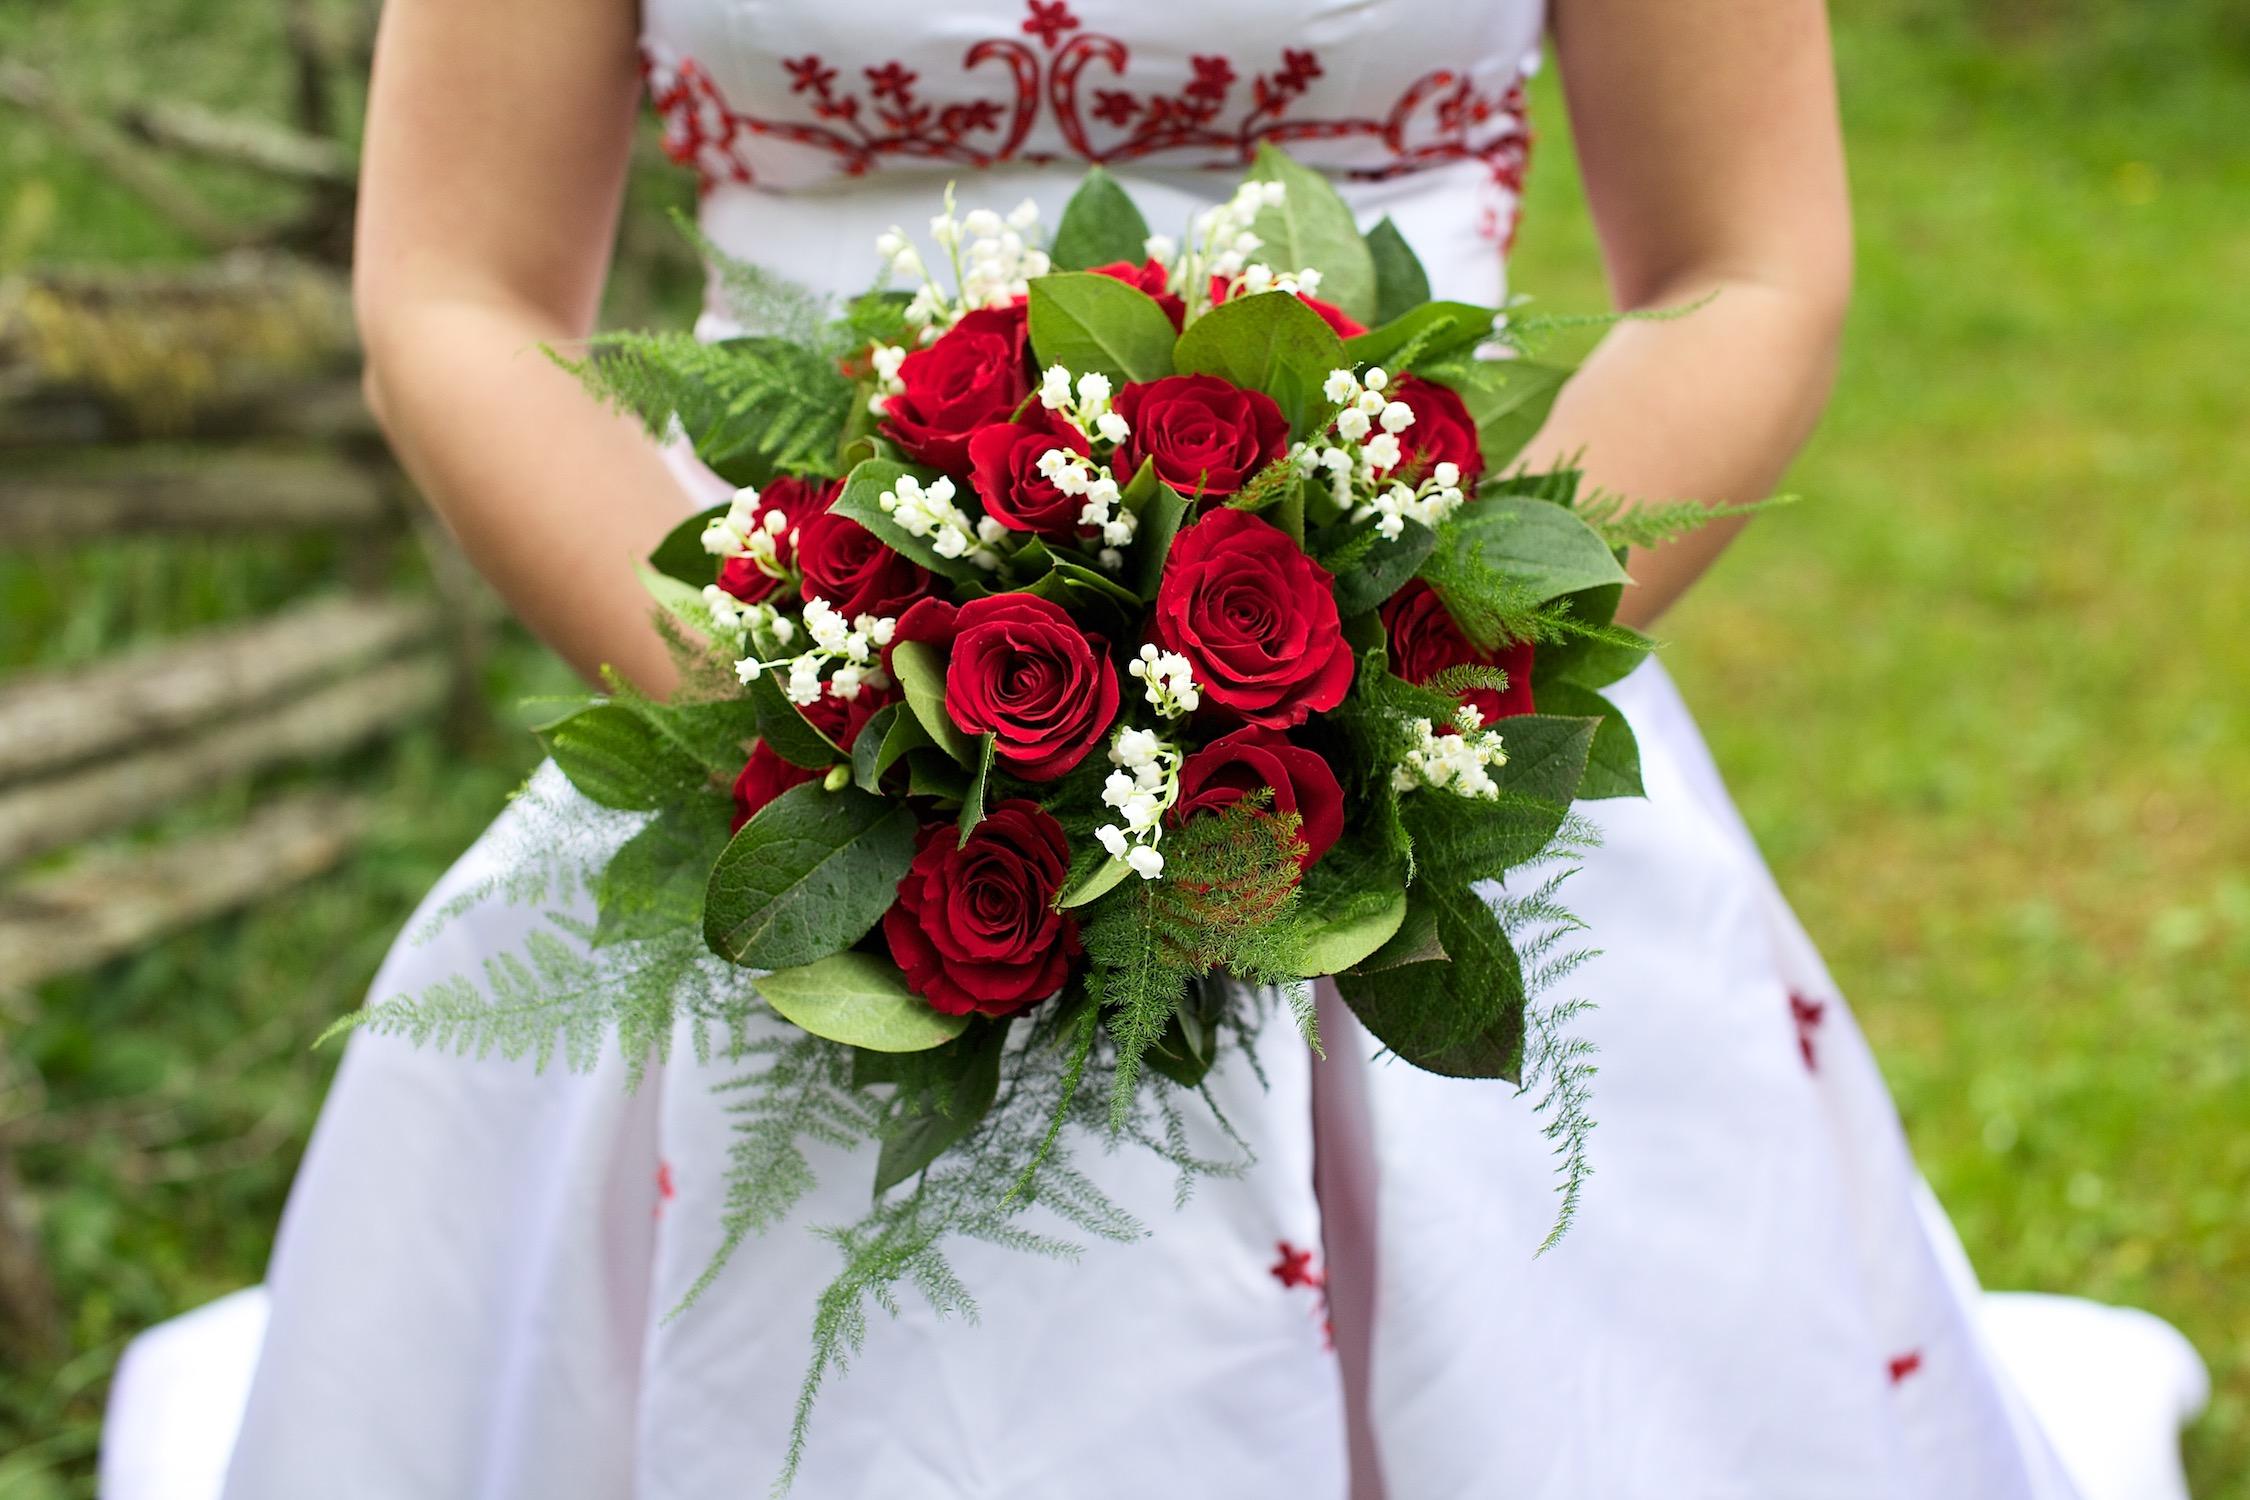 bryllup-bryllupsfotograf-bryllupsfotografering-fotograf-pål-hodne-hodne-design-hodnedesign 11.jpg